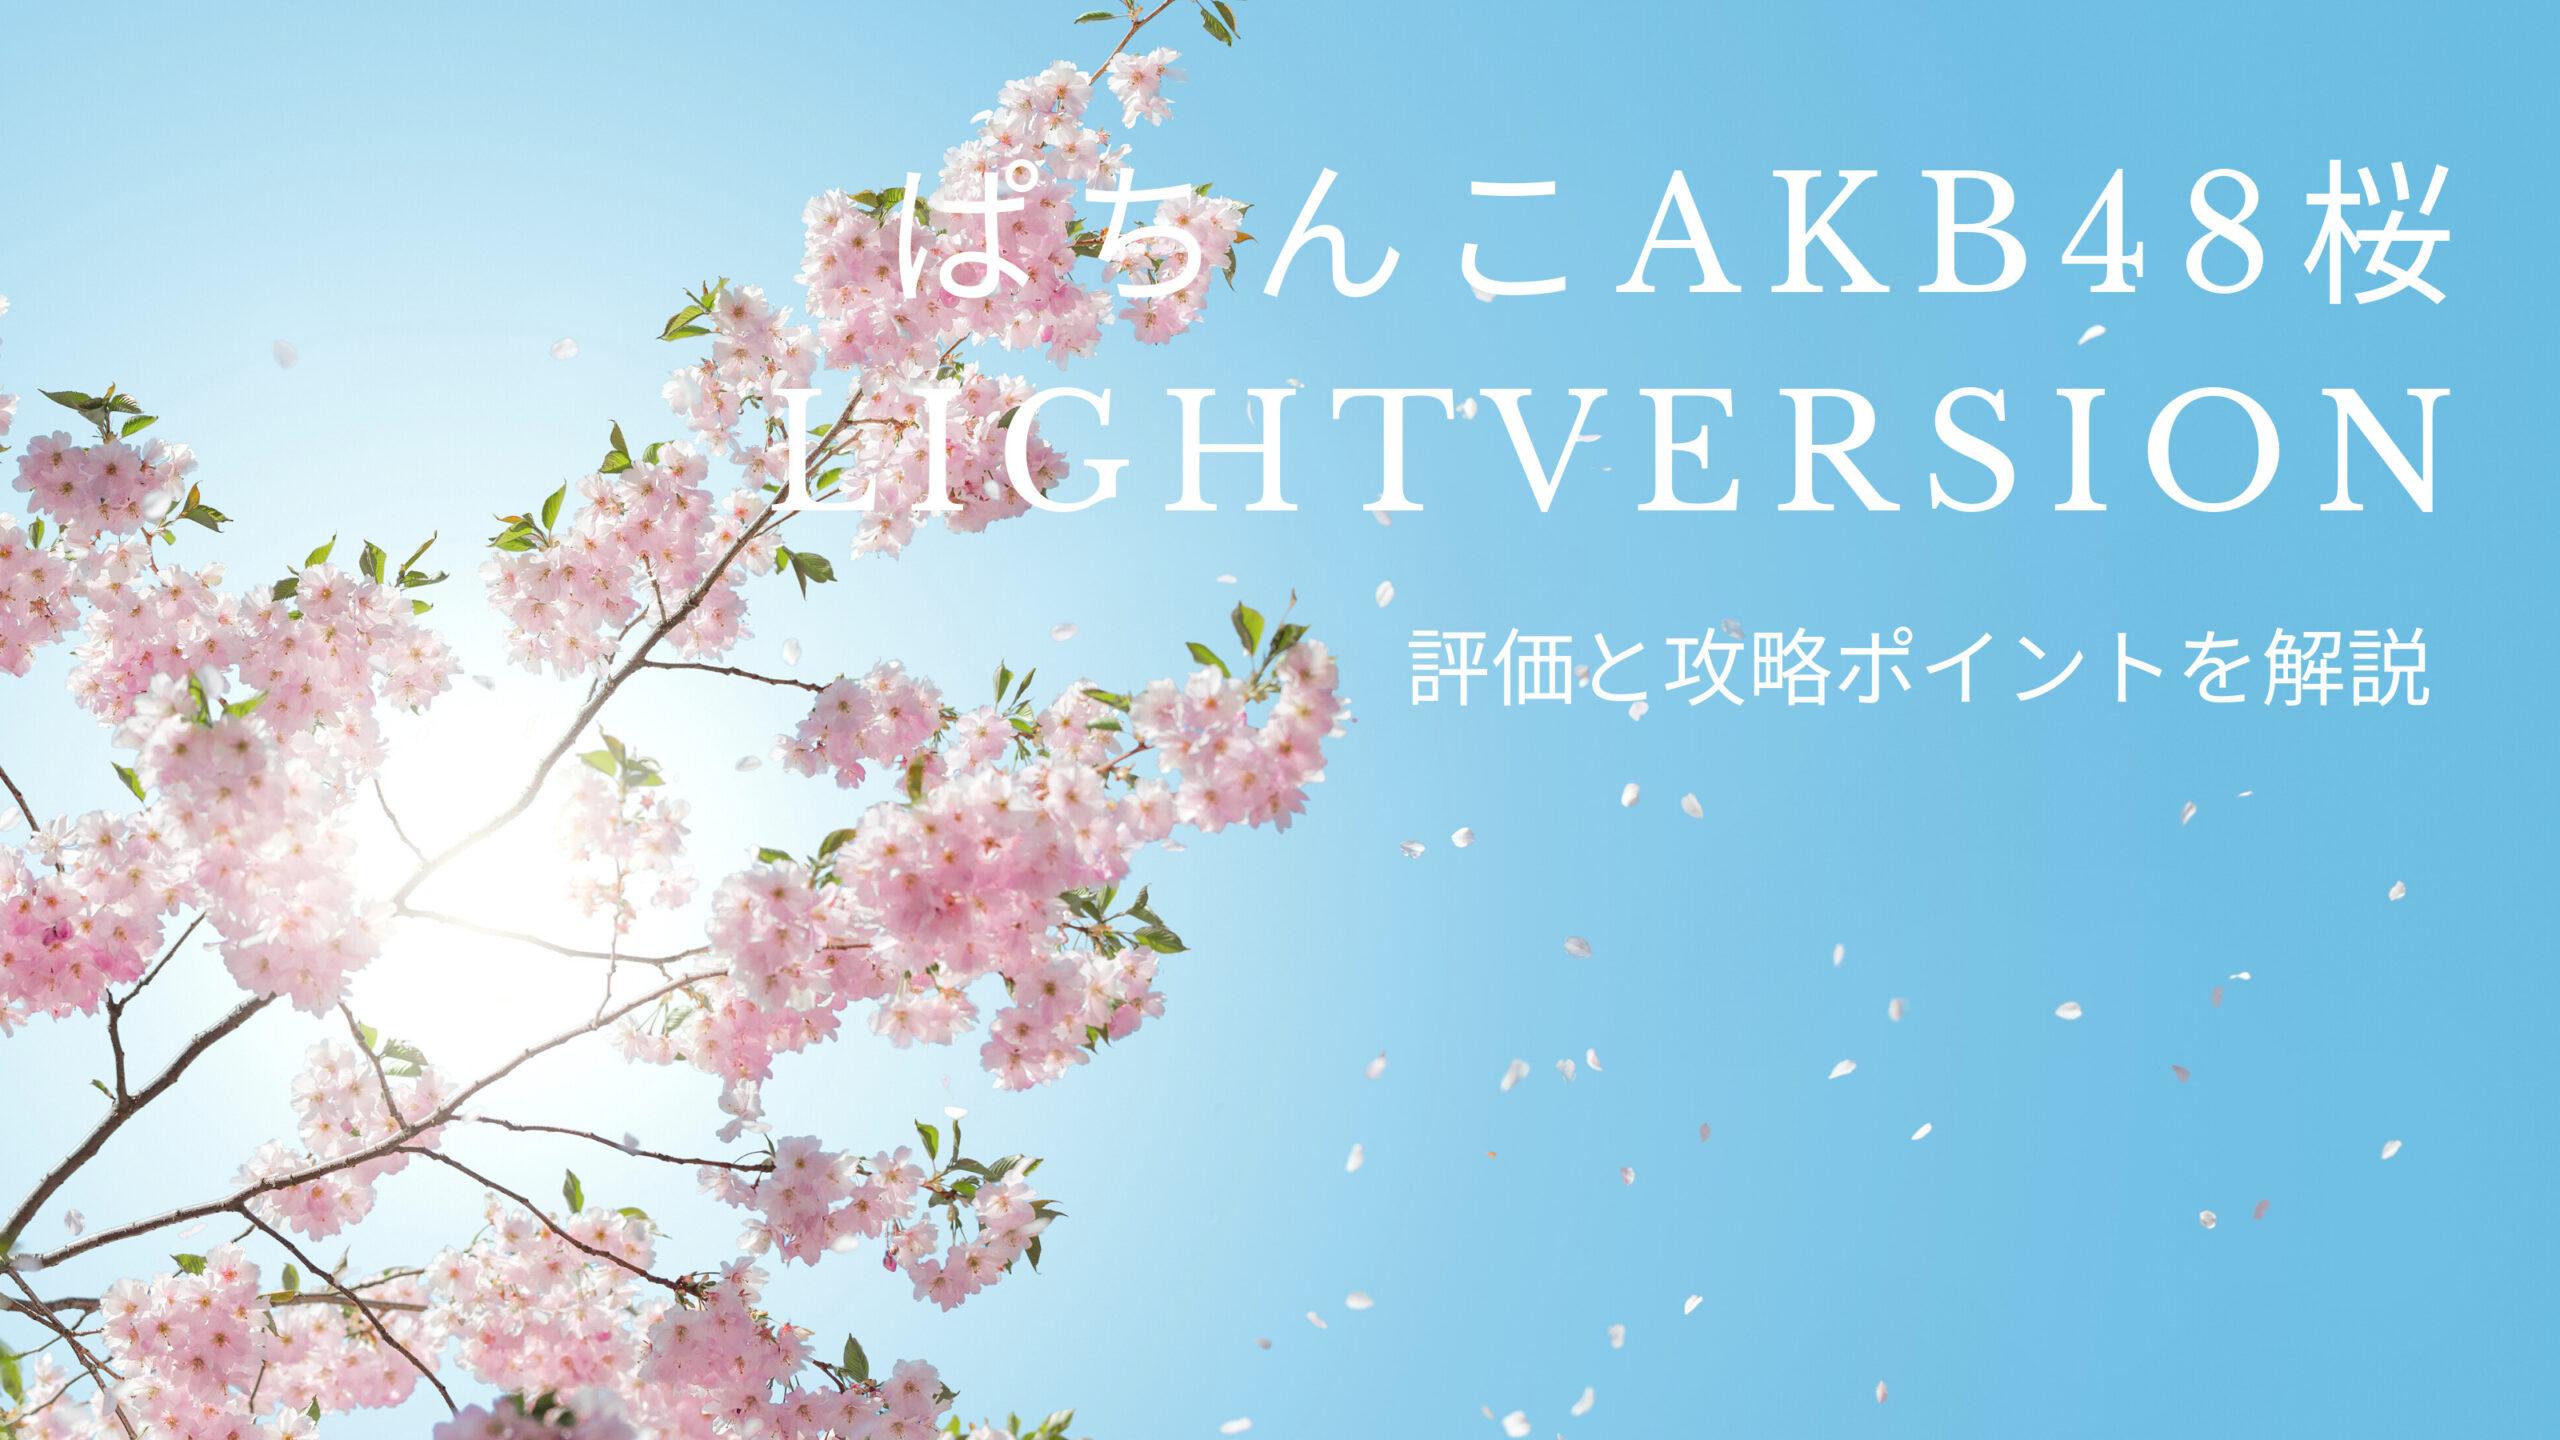 ぱちんこAKB48桜 light version評価と攻略するポイントを解説